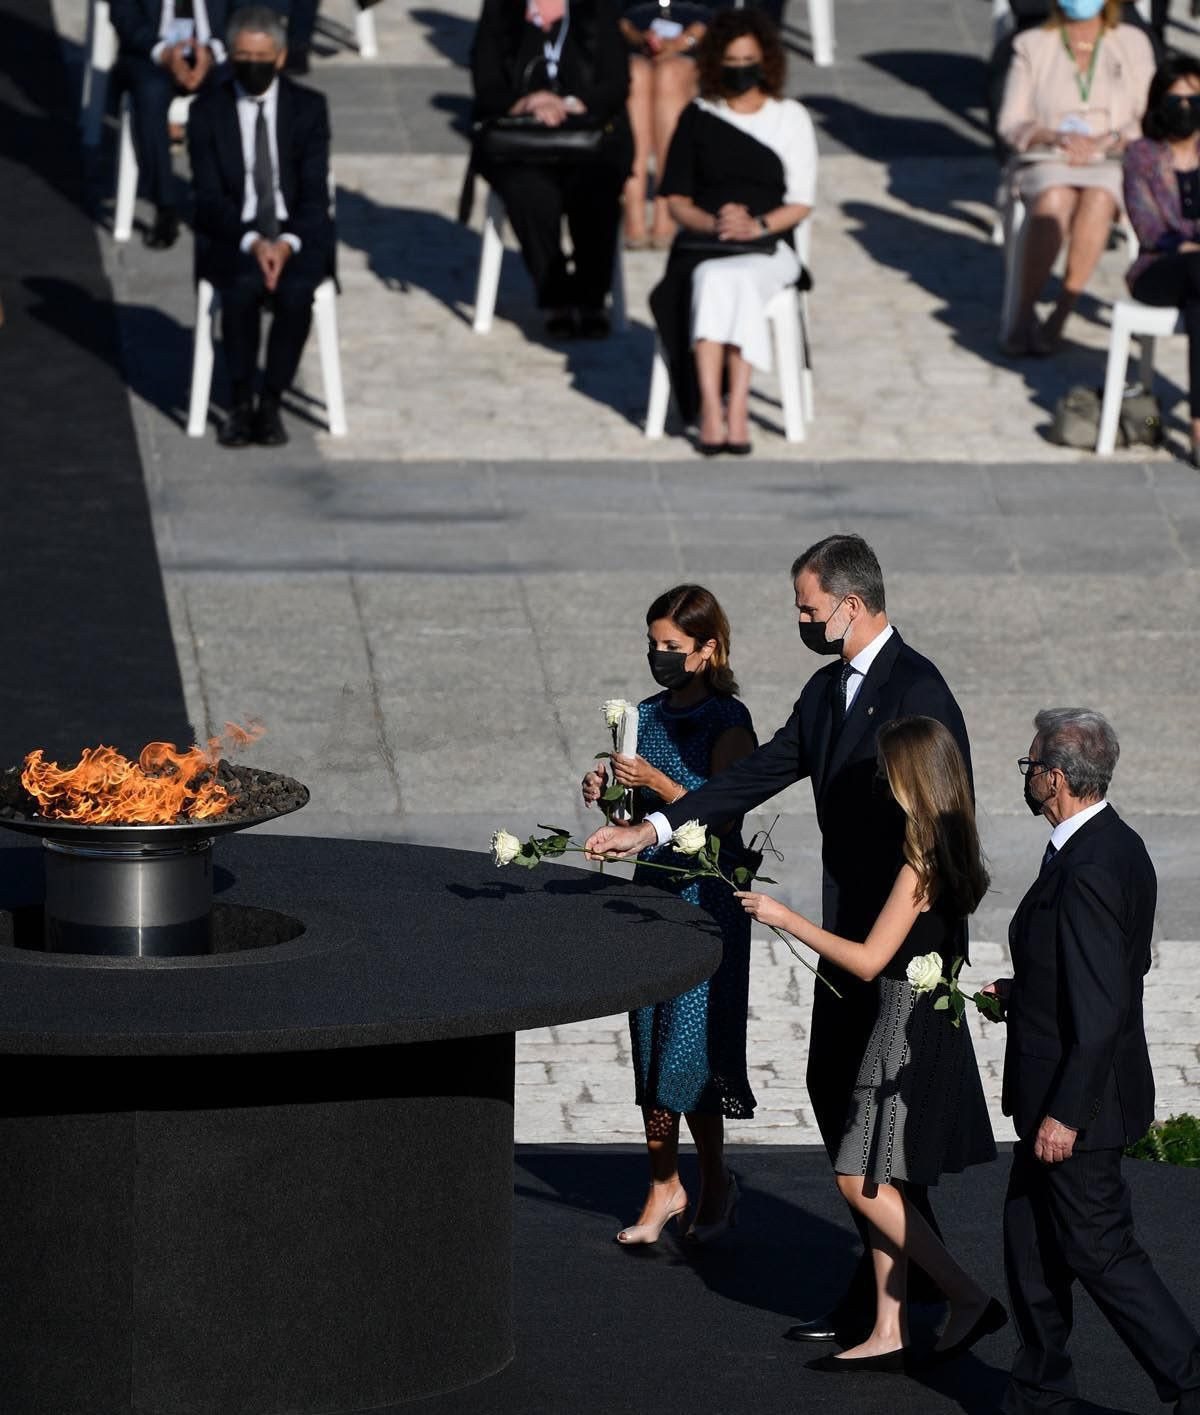 Homenaje de Estado a las víctimas del covid-19, en imágenes